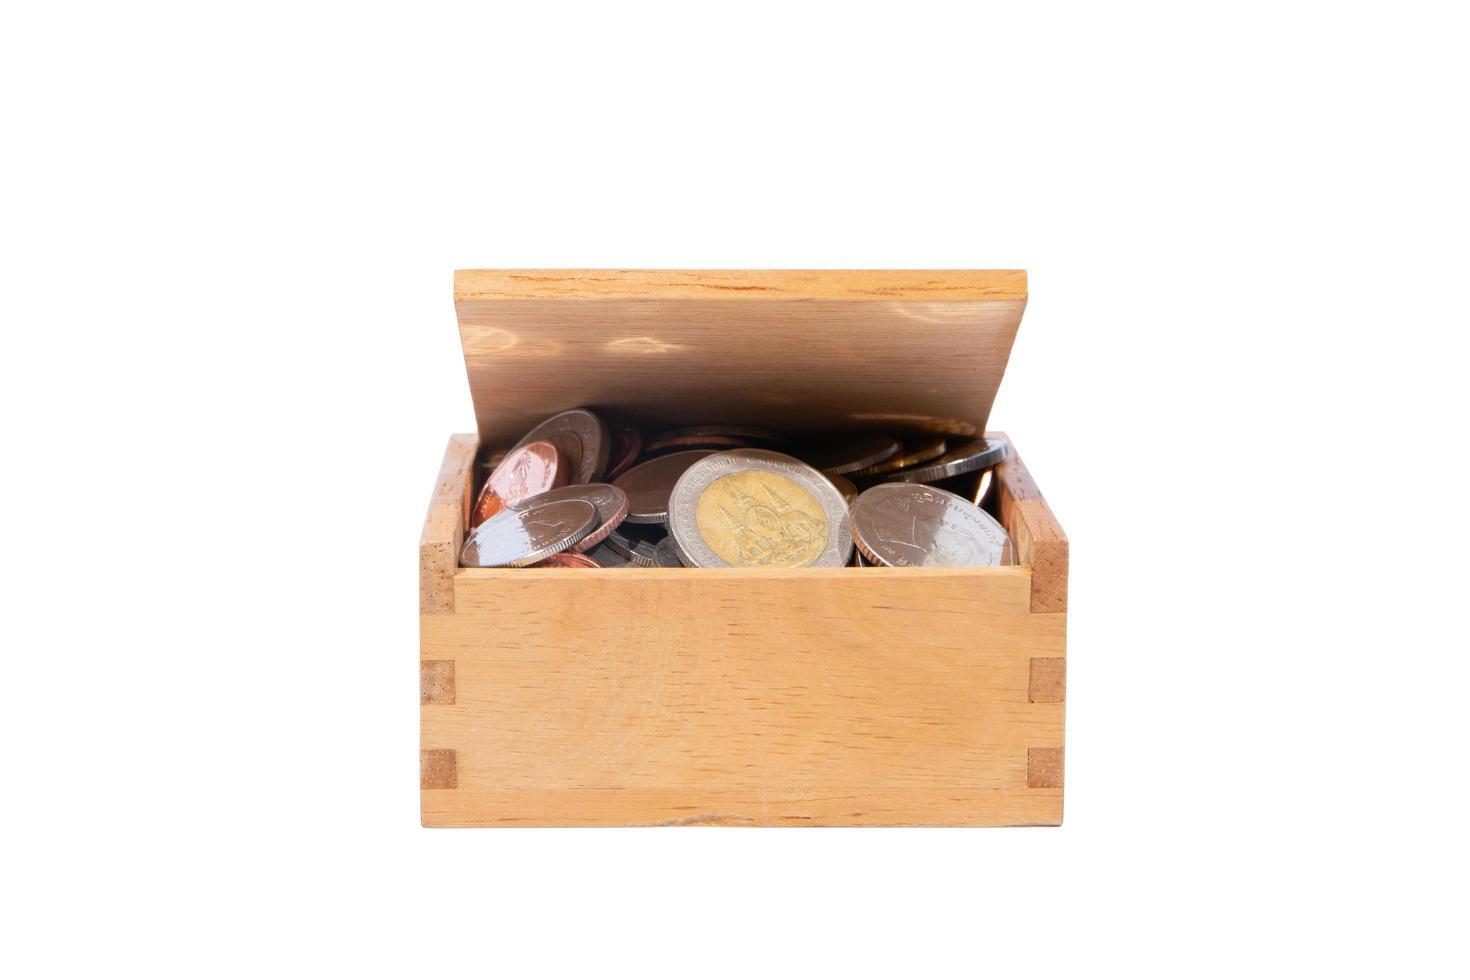 Münzen in einer Holzkiste foto